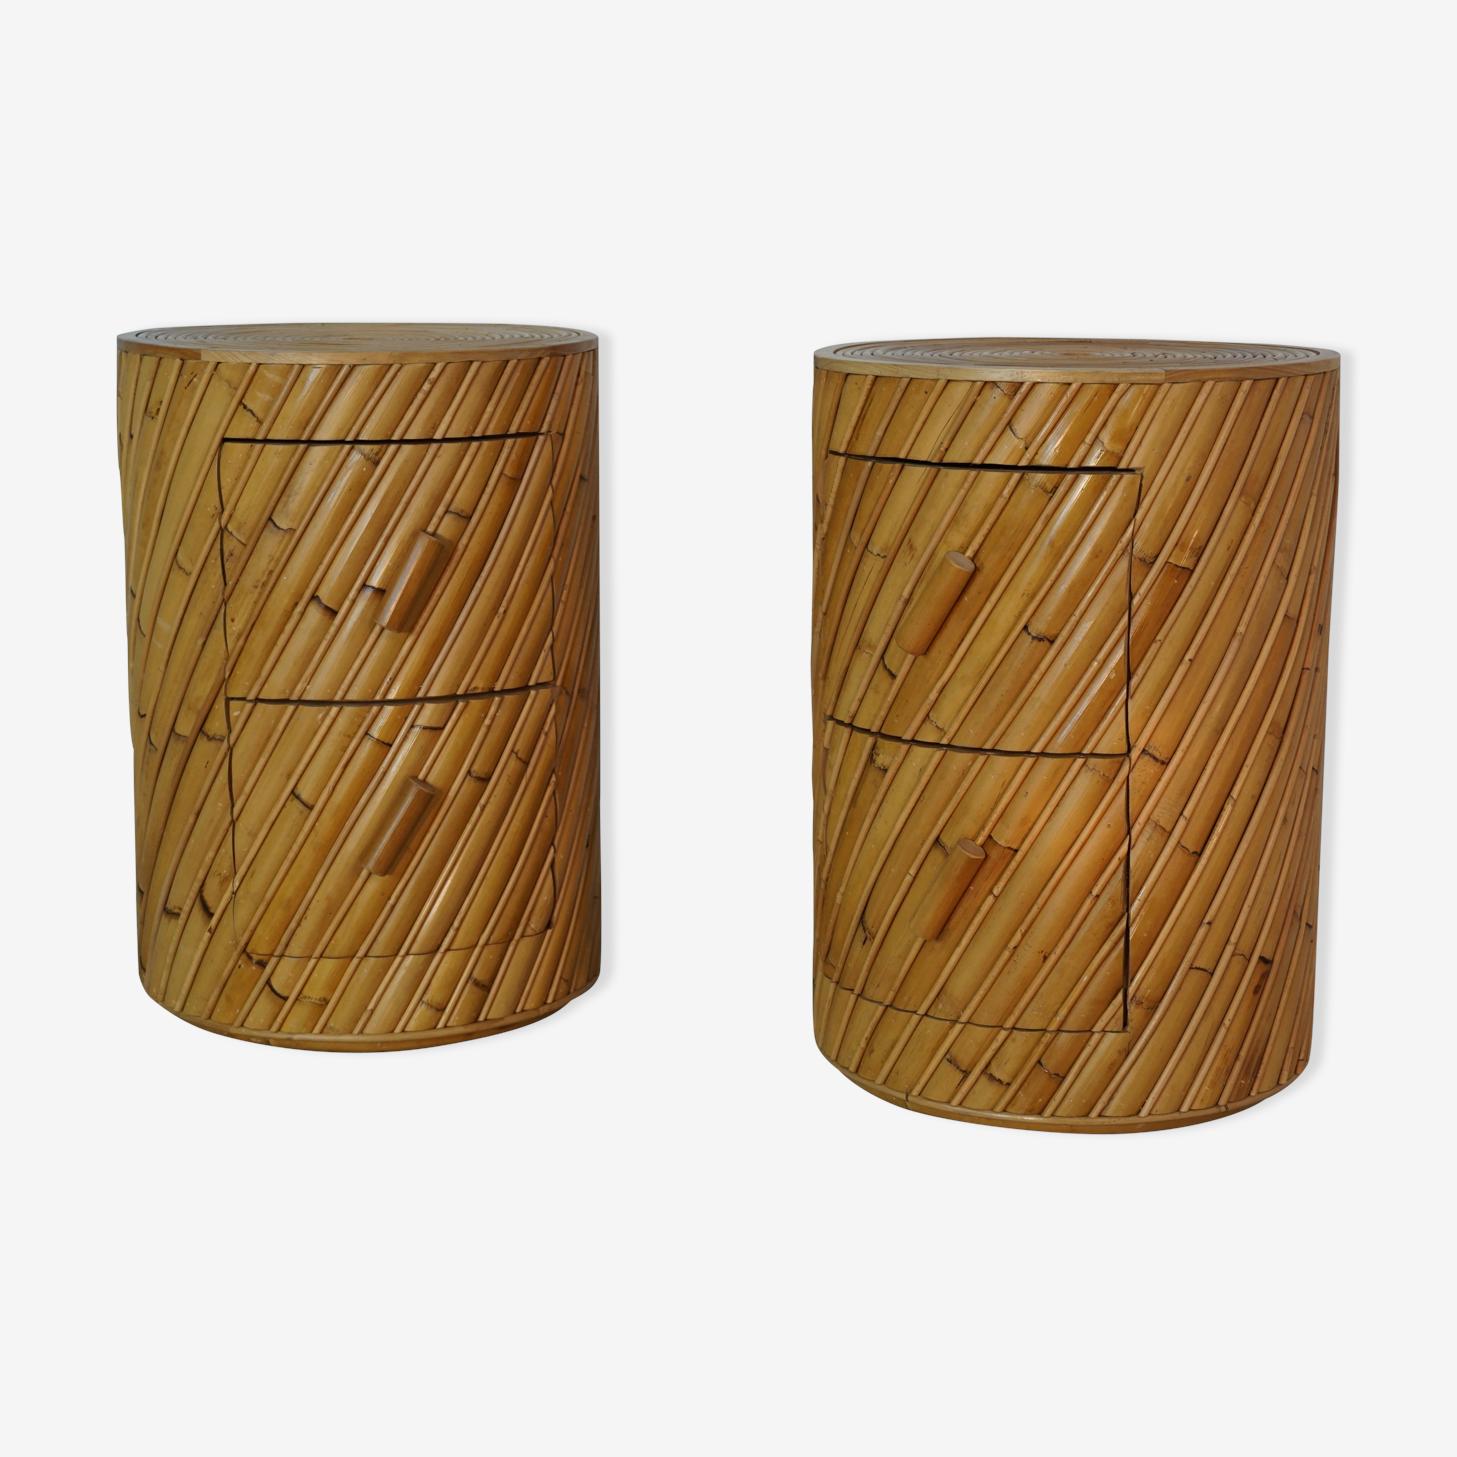 Paire de table de chevets en rotin design par India Mahdavi